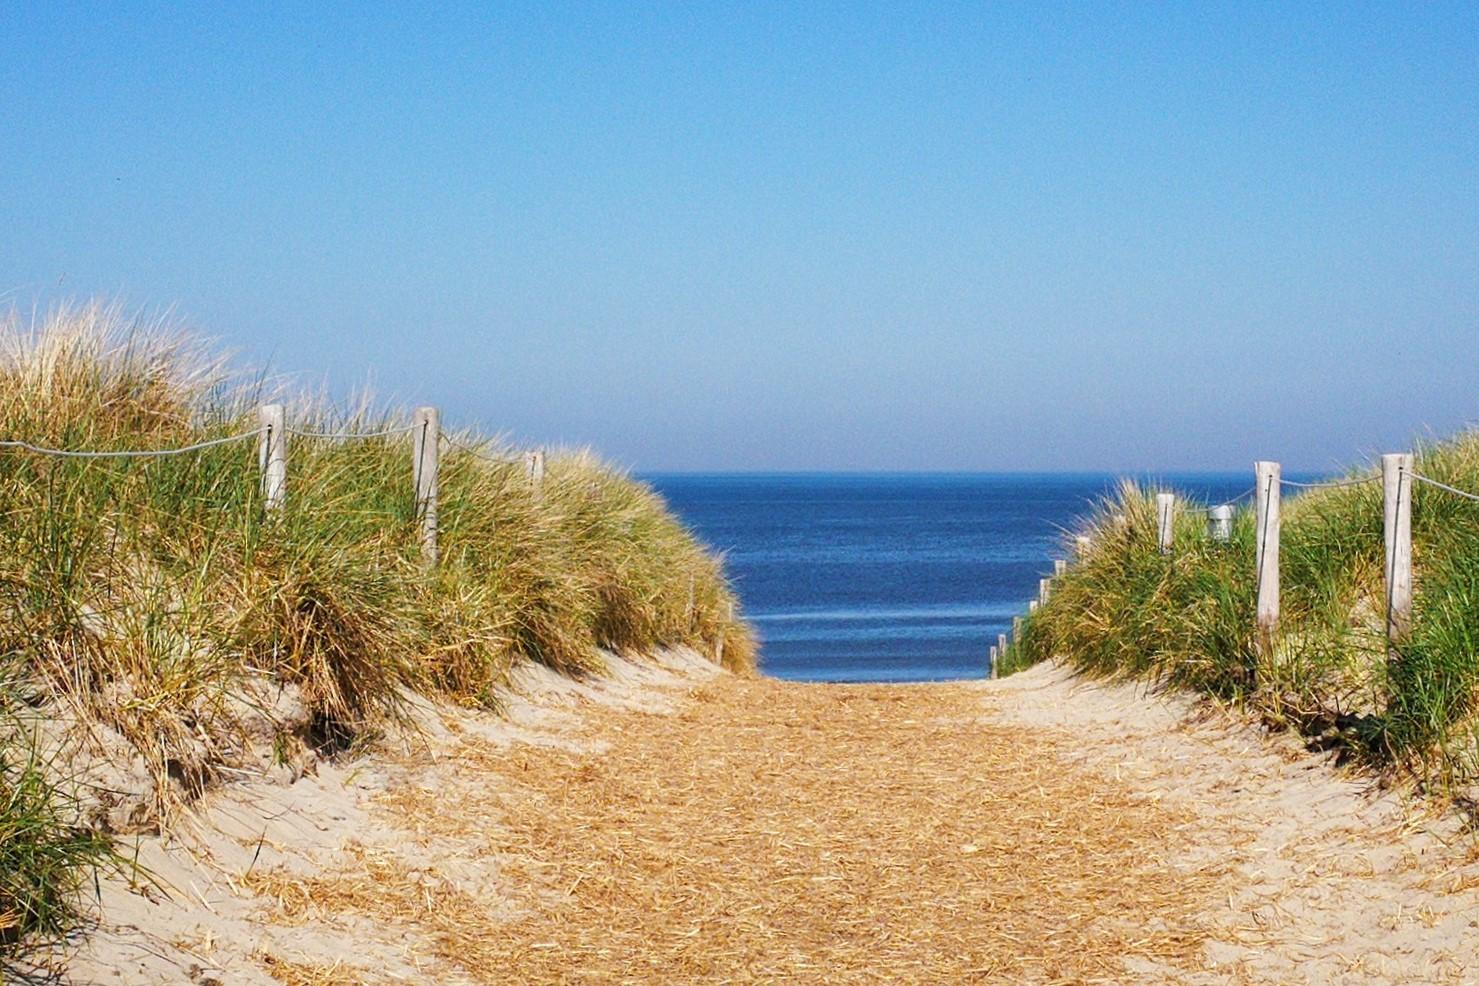 Dalle dune al mare